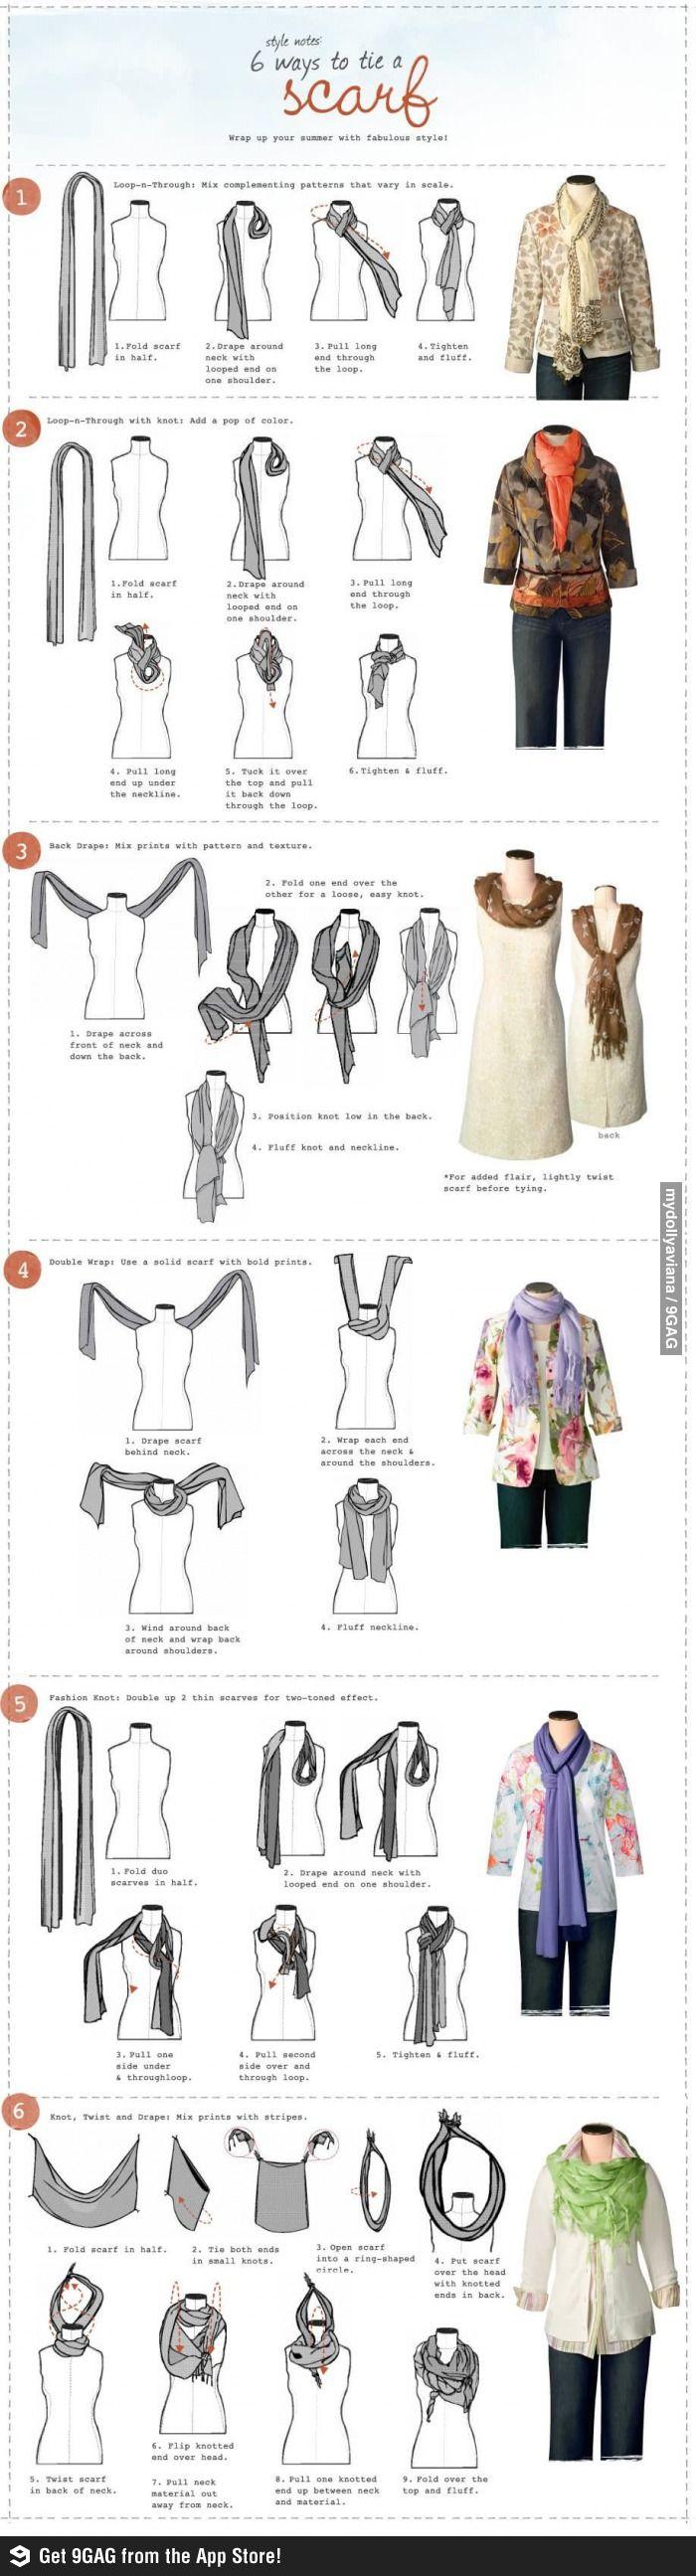 six ways to tie a scarf.